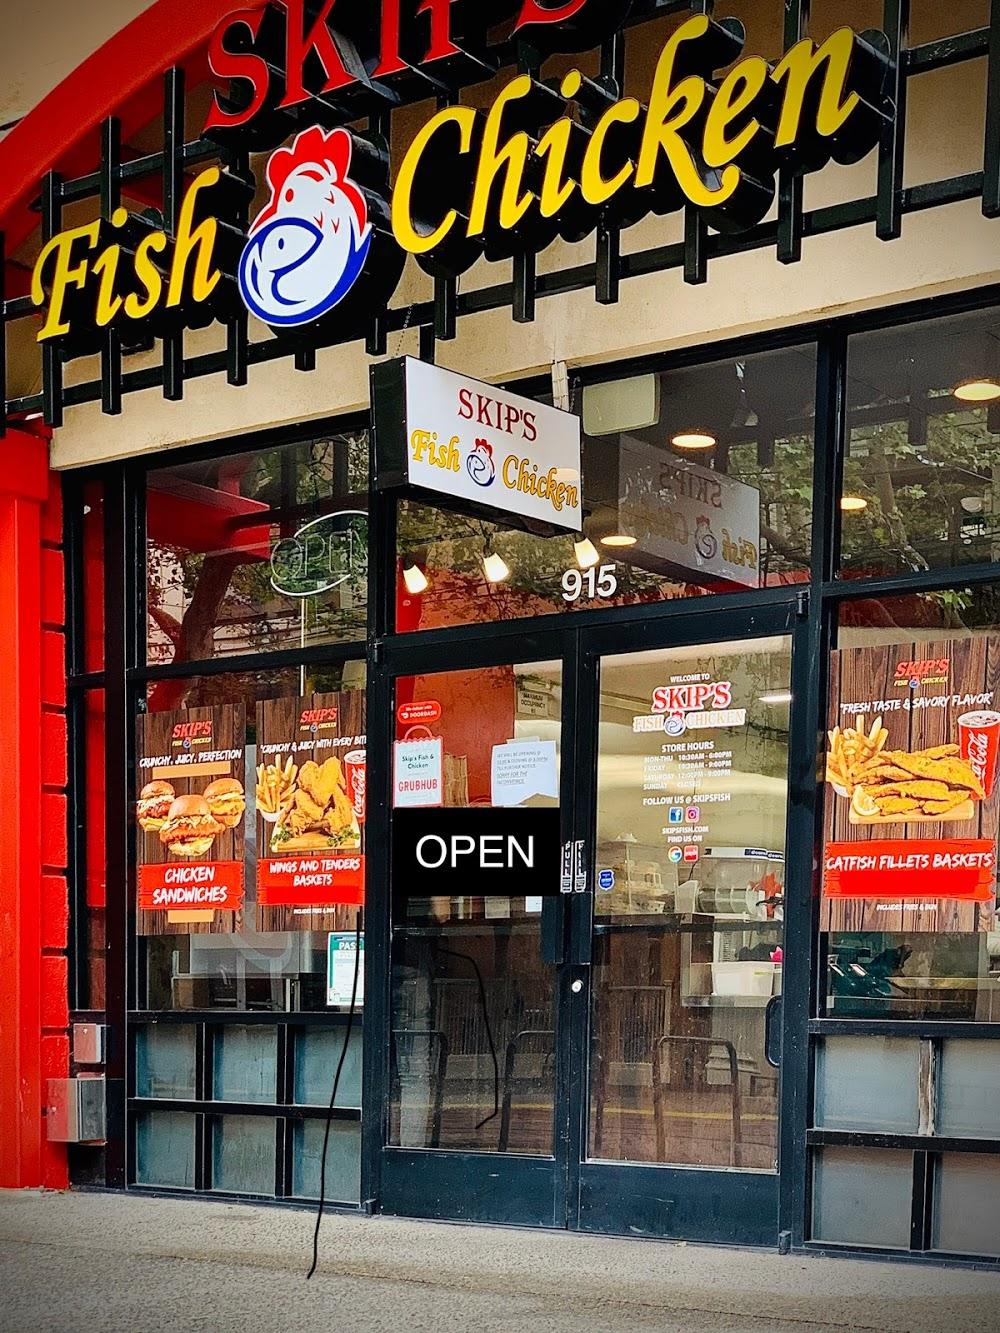 Skip's Fish & Chicken